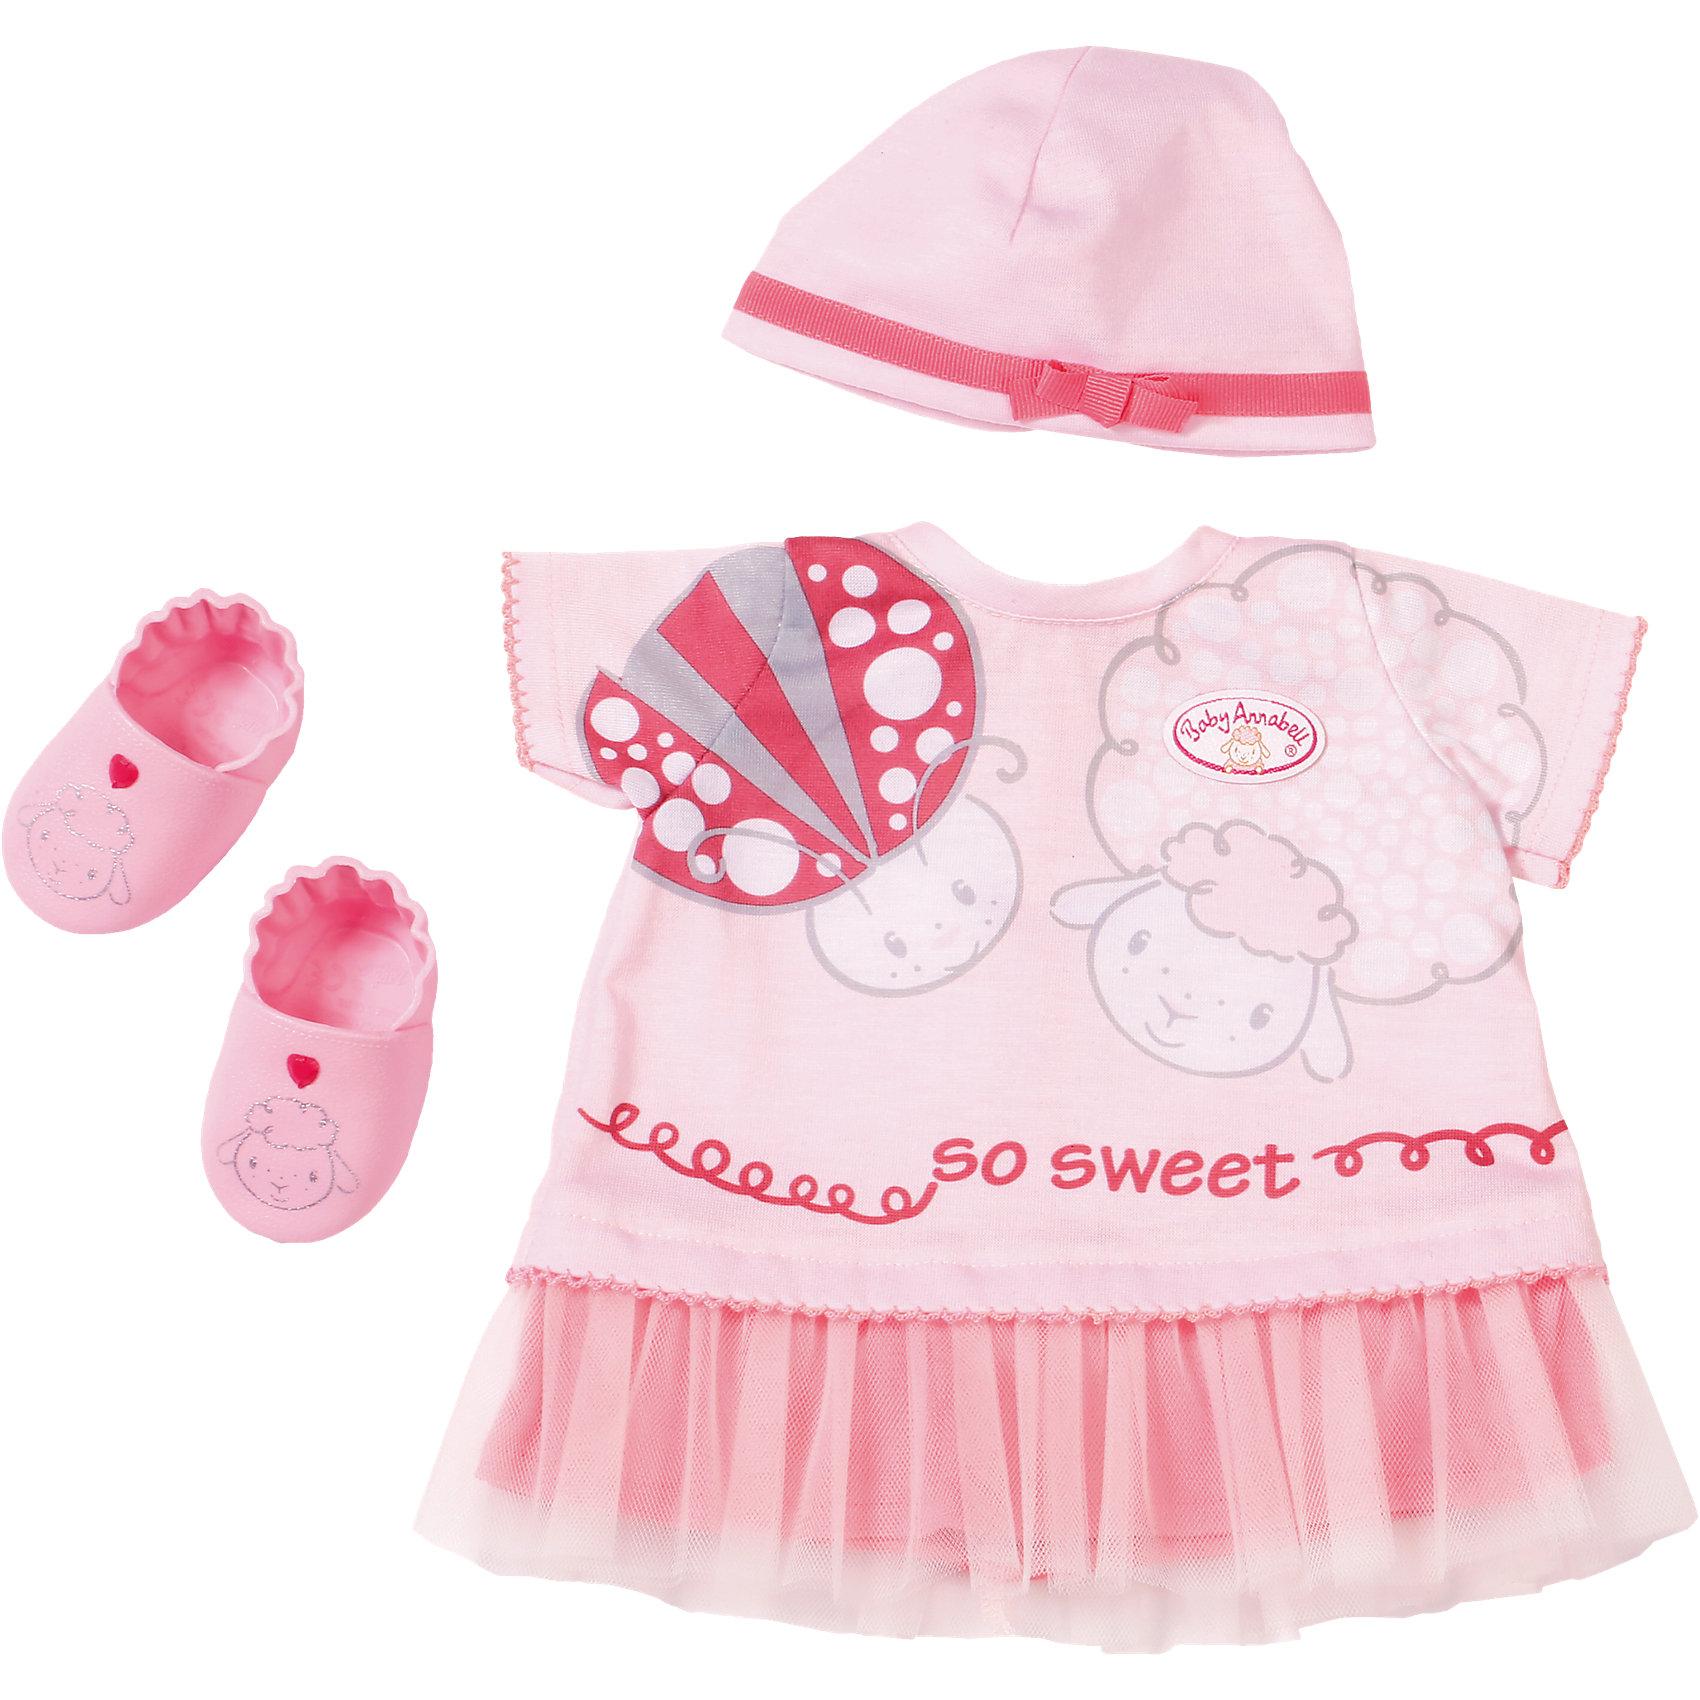 Одежда для теплых деньков, Baby AnnabellКукольная одежда и аксессуары<br>Характеристики товара:<br><br>• возраст от 3 лет;<br>• материал: текстиль;<br>• в комплекте: платье, шапочка, пинетки; <br>• размер упаковки 36х32х8 см;<br>• страна производитель: Китай.<br><br>Одежда для теплых деньков Baby Annabell дополнит летний гардероб любимой куклы Baby Annabell от Zapf Creation. В комплекте розовое платье с принтом в виде овечки и божьей коровки, шапочка с лентой и бантом и розовые пинетки с мордочками овечек. Вся одежда изготовлена из качественных материалов, ее можно стирать в стиральной машине.<br><br>Одежду для теплых деньков Baby Annabell можно приобрести в нашем интернет-магазине.<br><br>Ширина мм: 320<br>Глубина мм: 80<br>Высота мм: 360<br>Вес г: 355<br>Возраст от месяцев: 36<br>Возраст до месяцев: 60<br>Пол: Женский<br>Возраст: Детский<br>SKU: 5030816